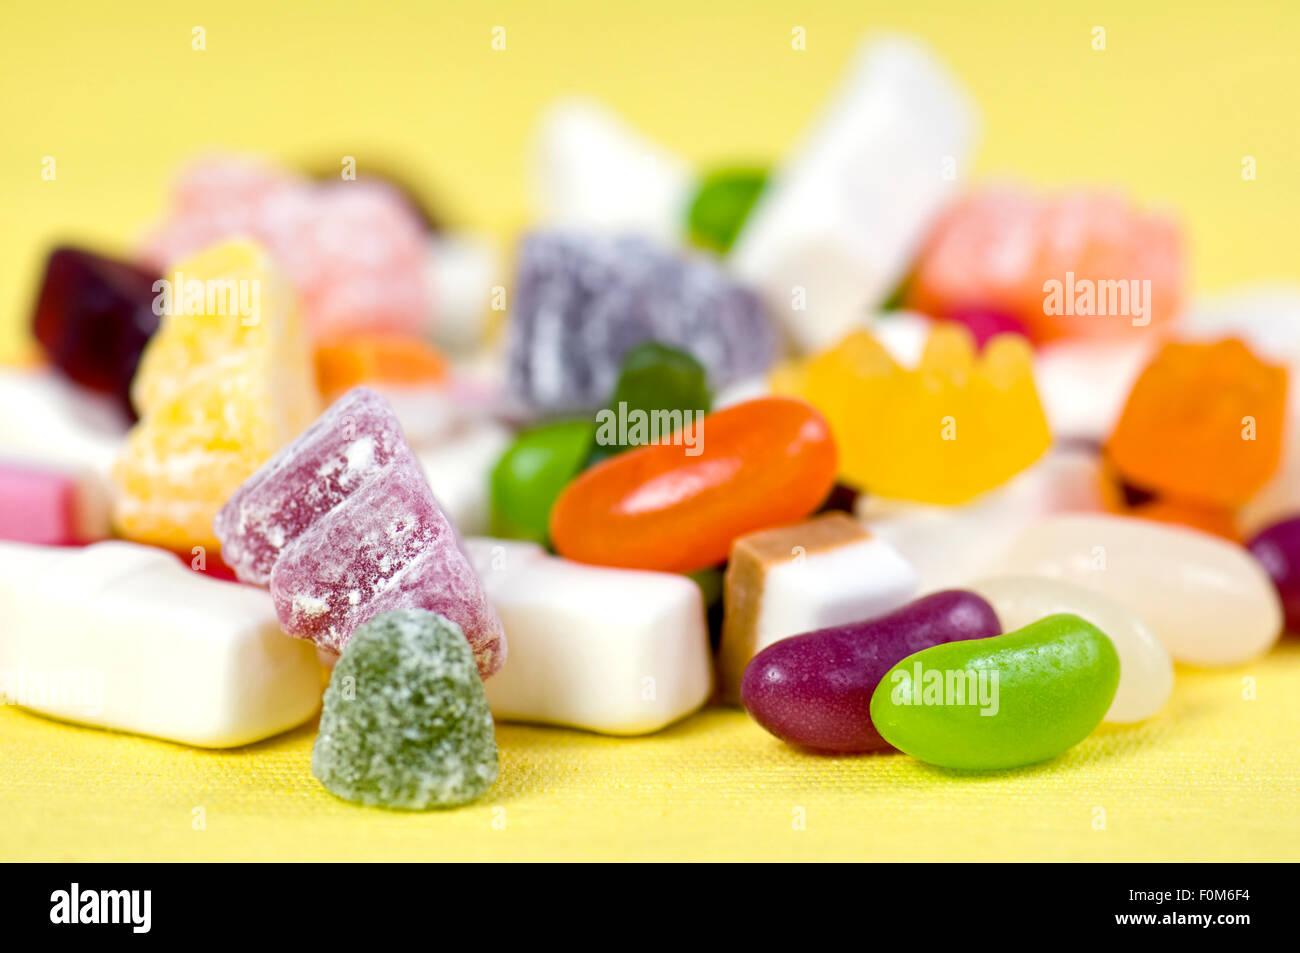 Mélange de bonbons pour les enfants, y compris les ours gommeux, jelly beans, Dolly, mélanges et la bouteille de lait en gélatine. Banque D'Images